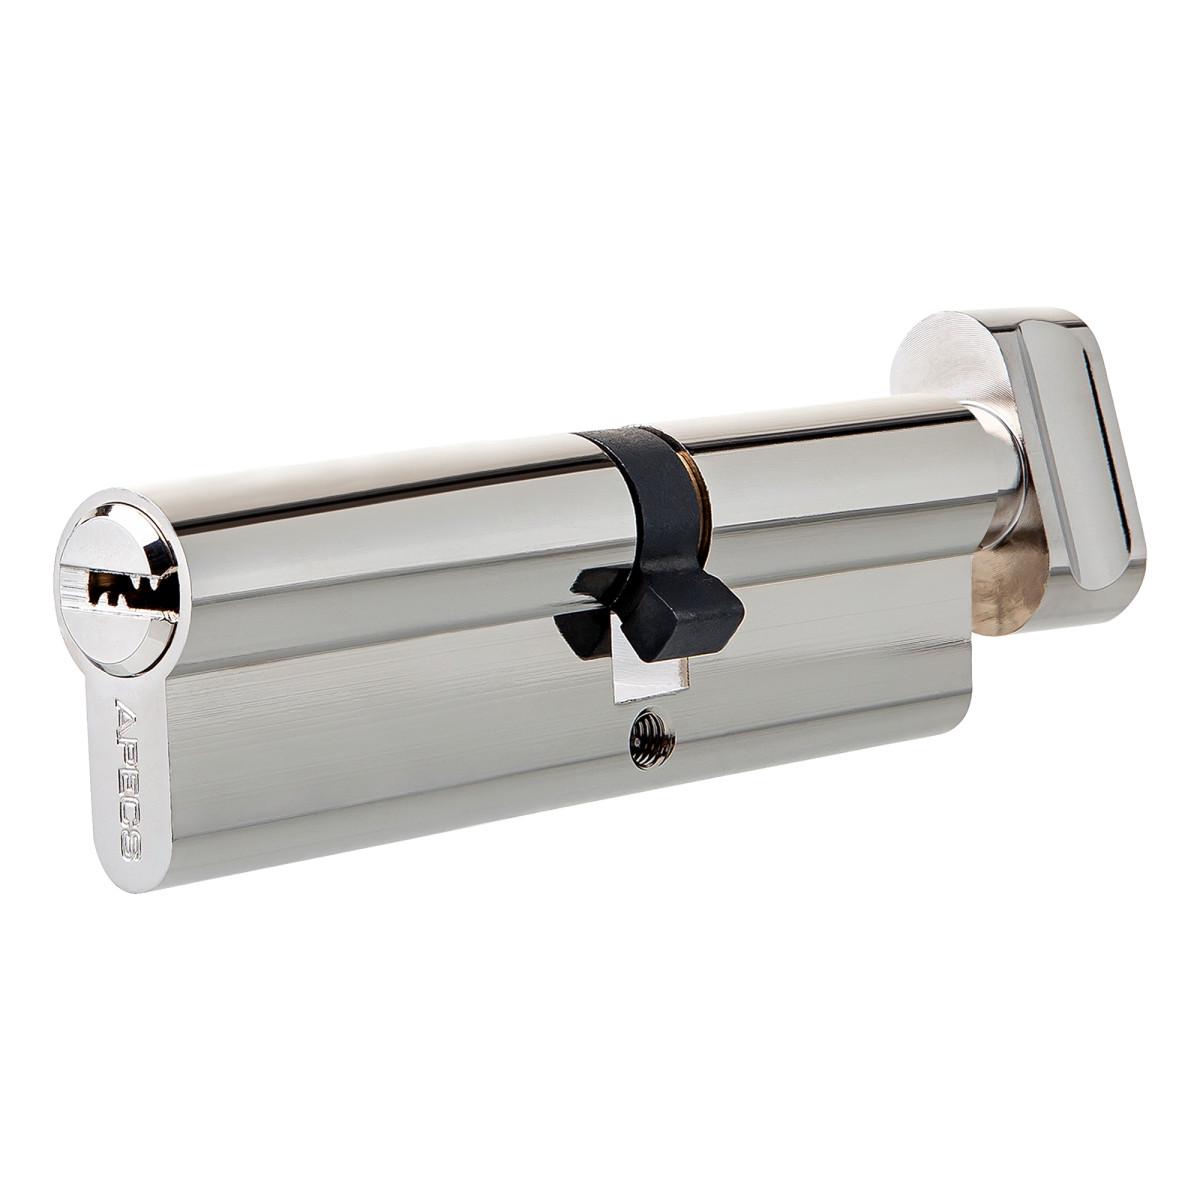 Цилиндр Apecs SM-90 35х55 мм ключ/вертушка цвет никель